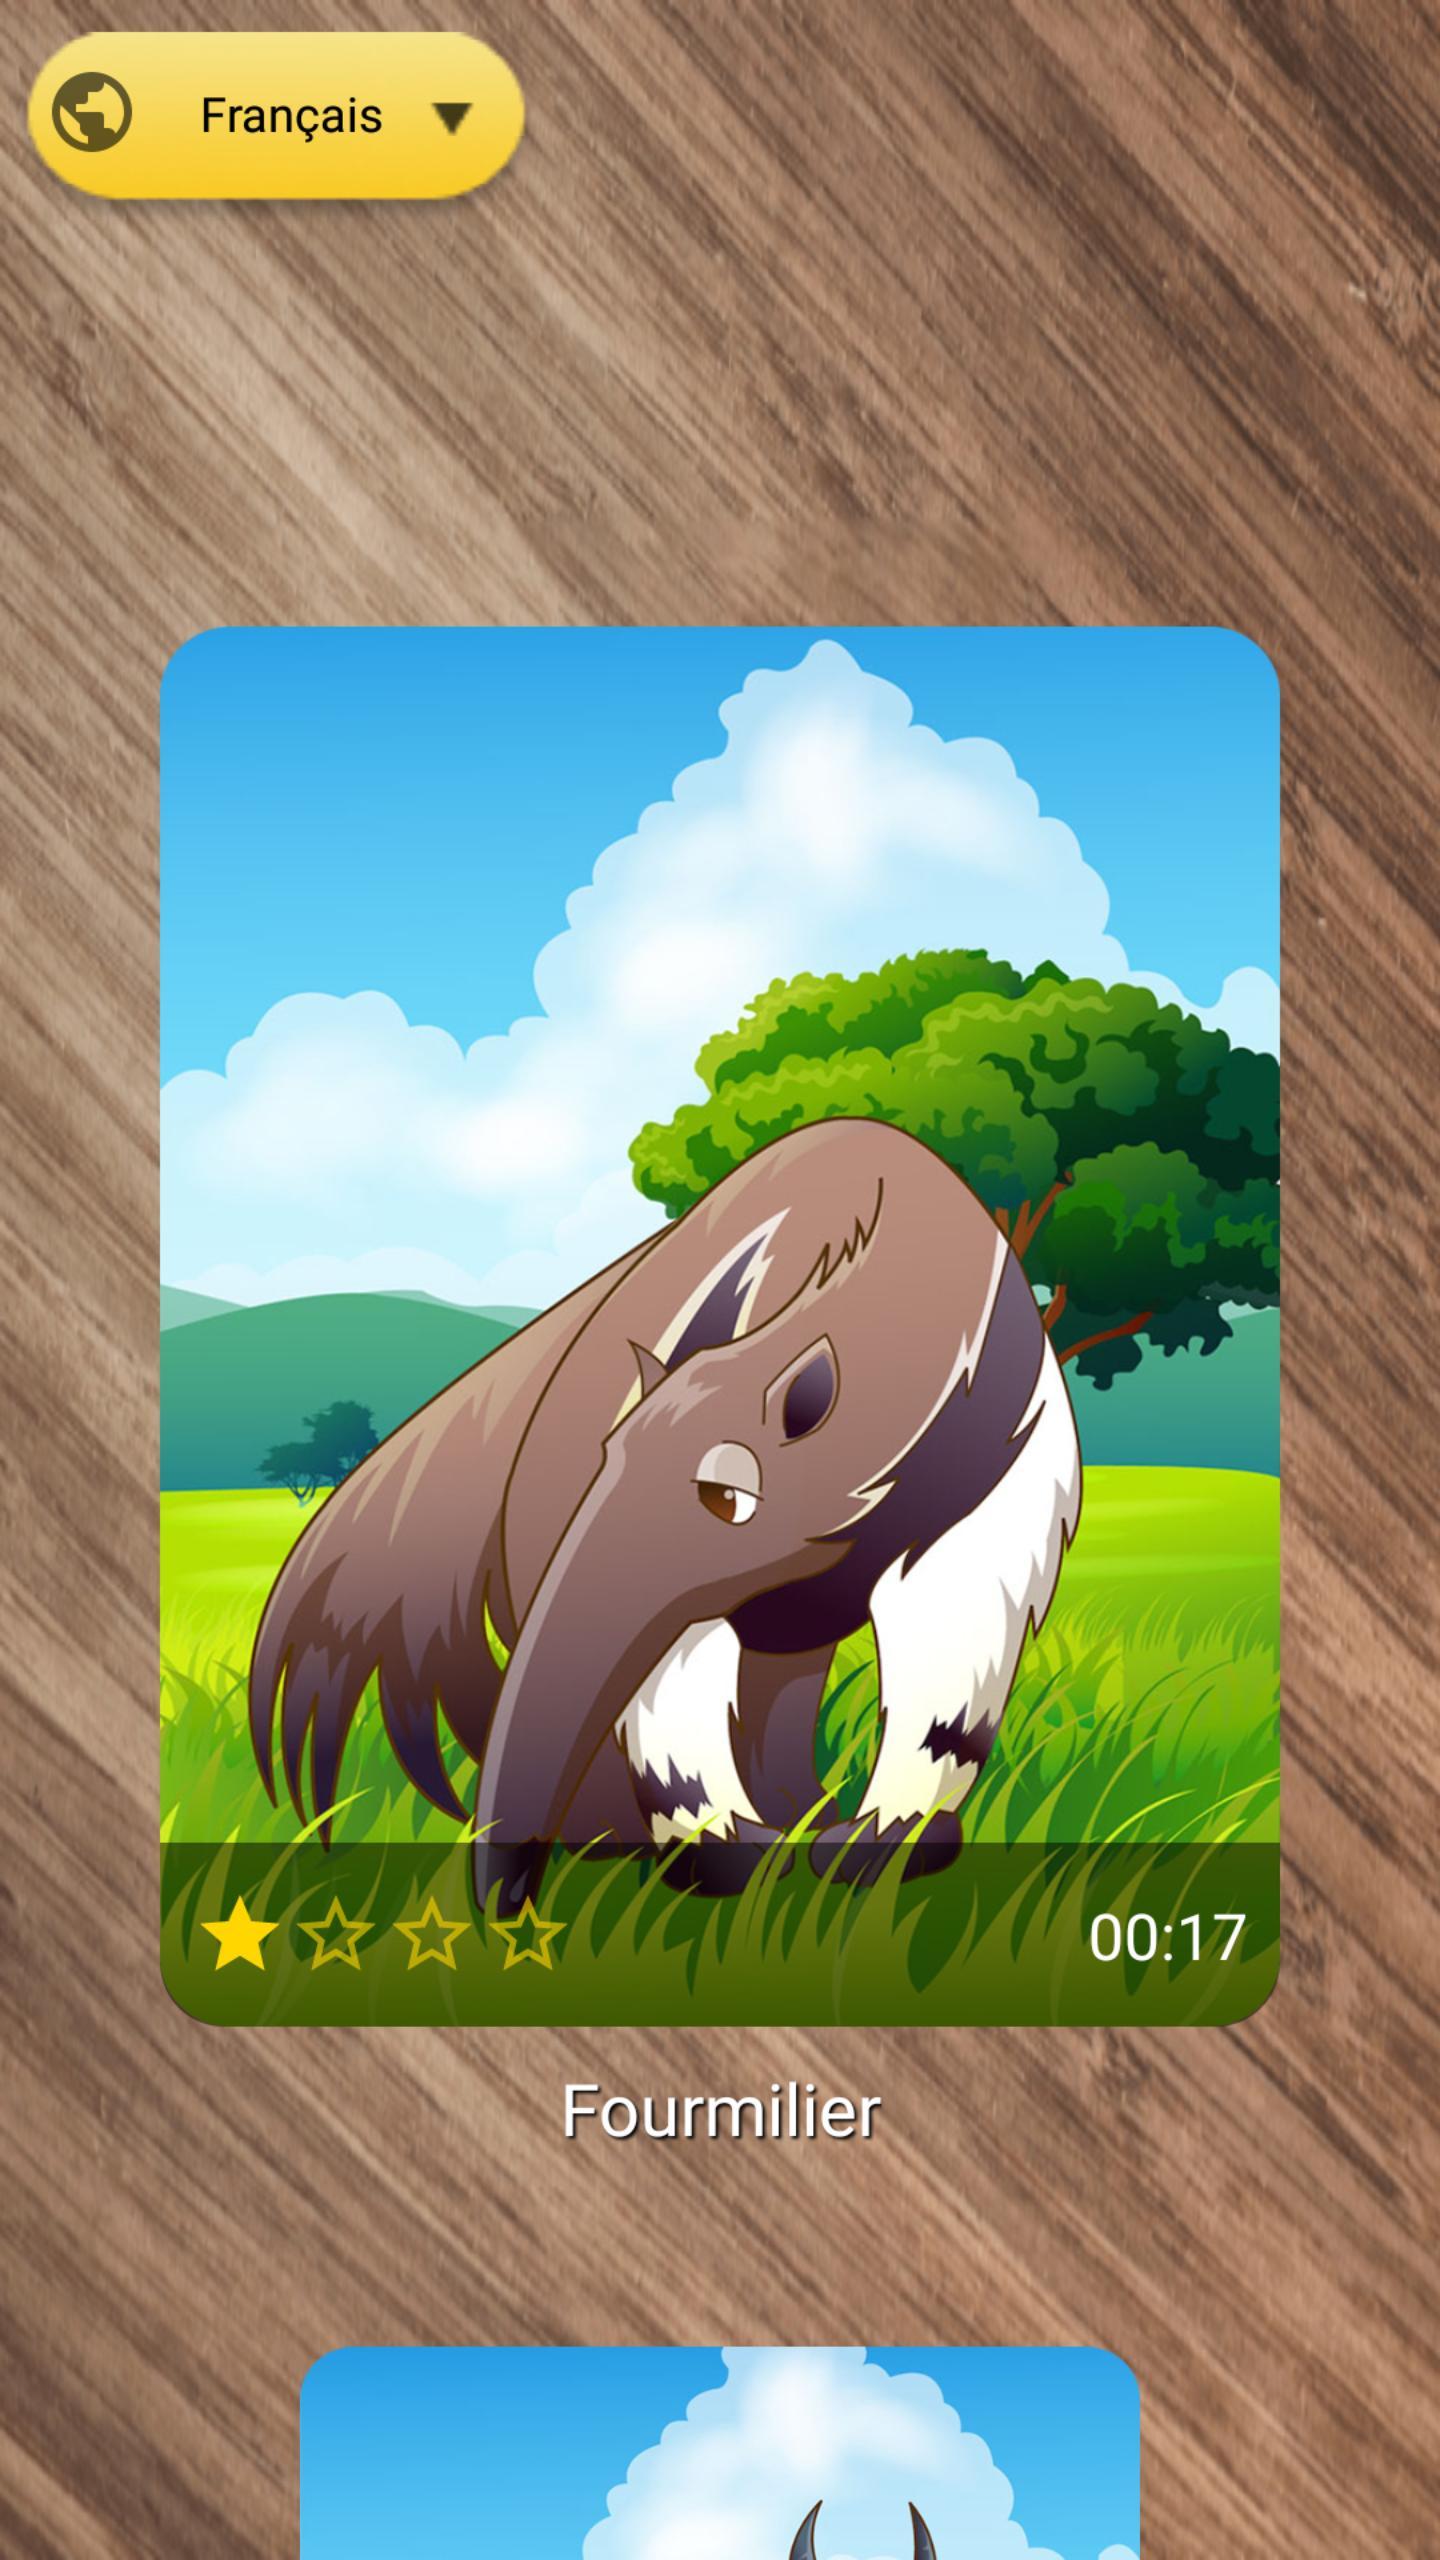 Jeux De Puzzle D'animaux Gratuit Pour Android - Téléchargez tout Jeux De Animaux Gratuit